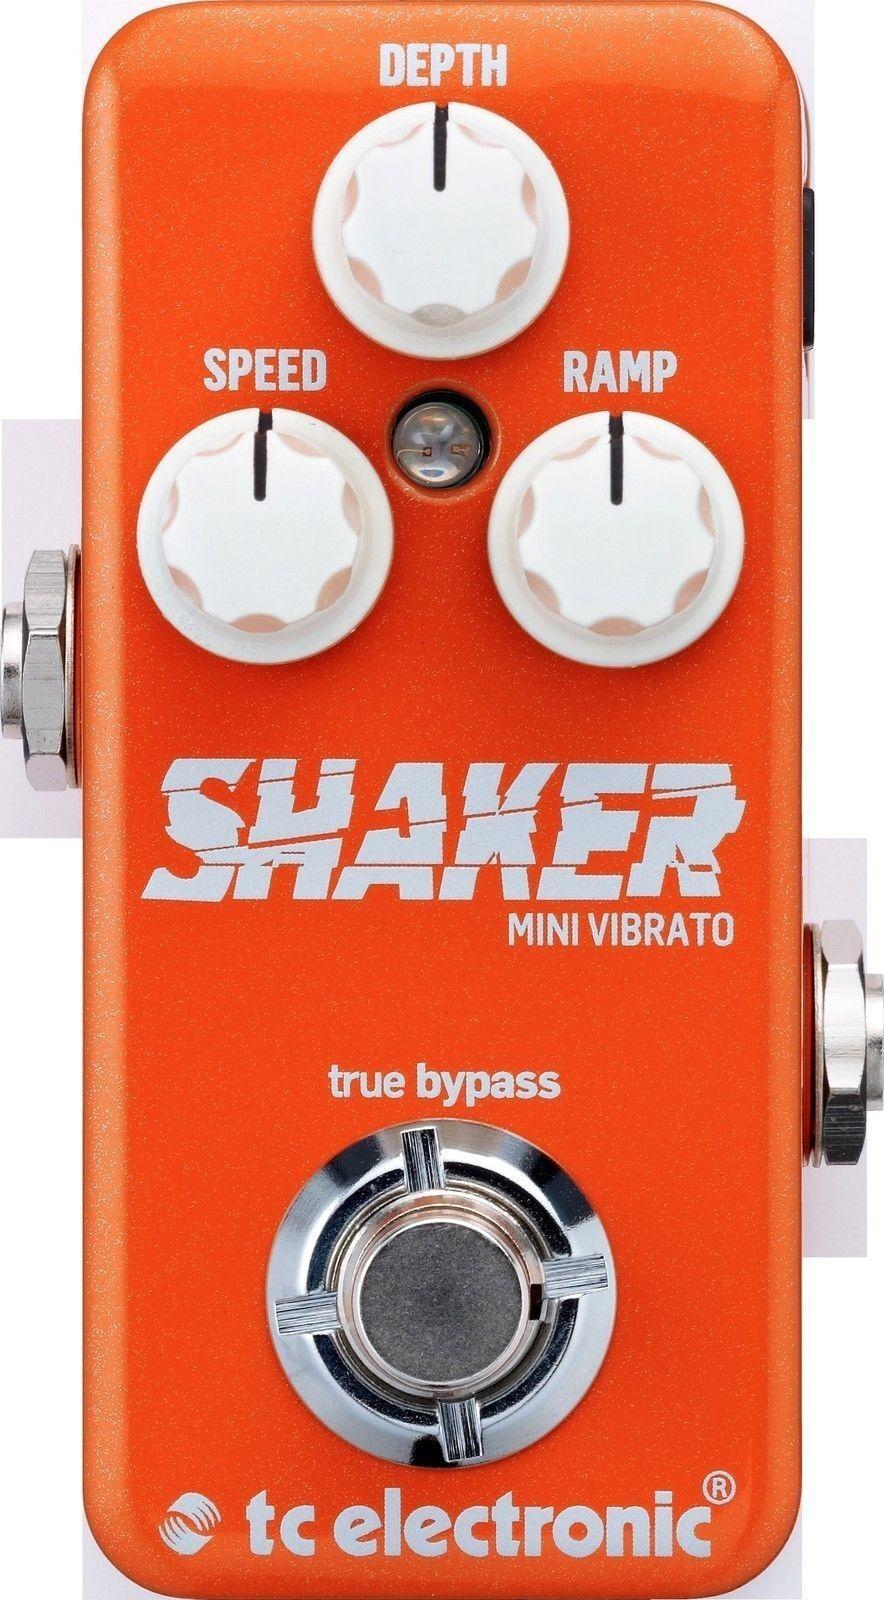 New TC Electronic Shaker Mini Vibrato Guitar Effects Pedal